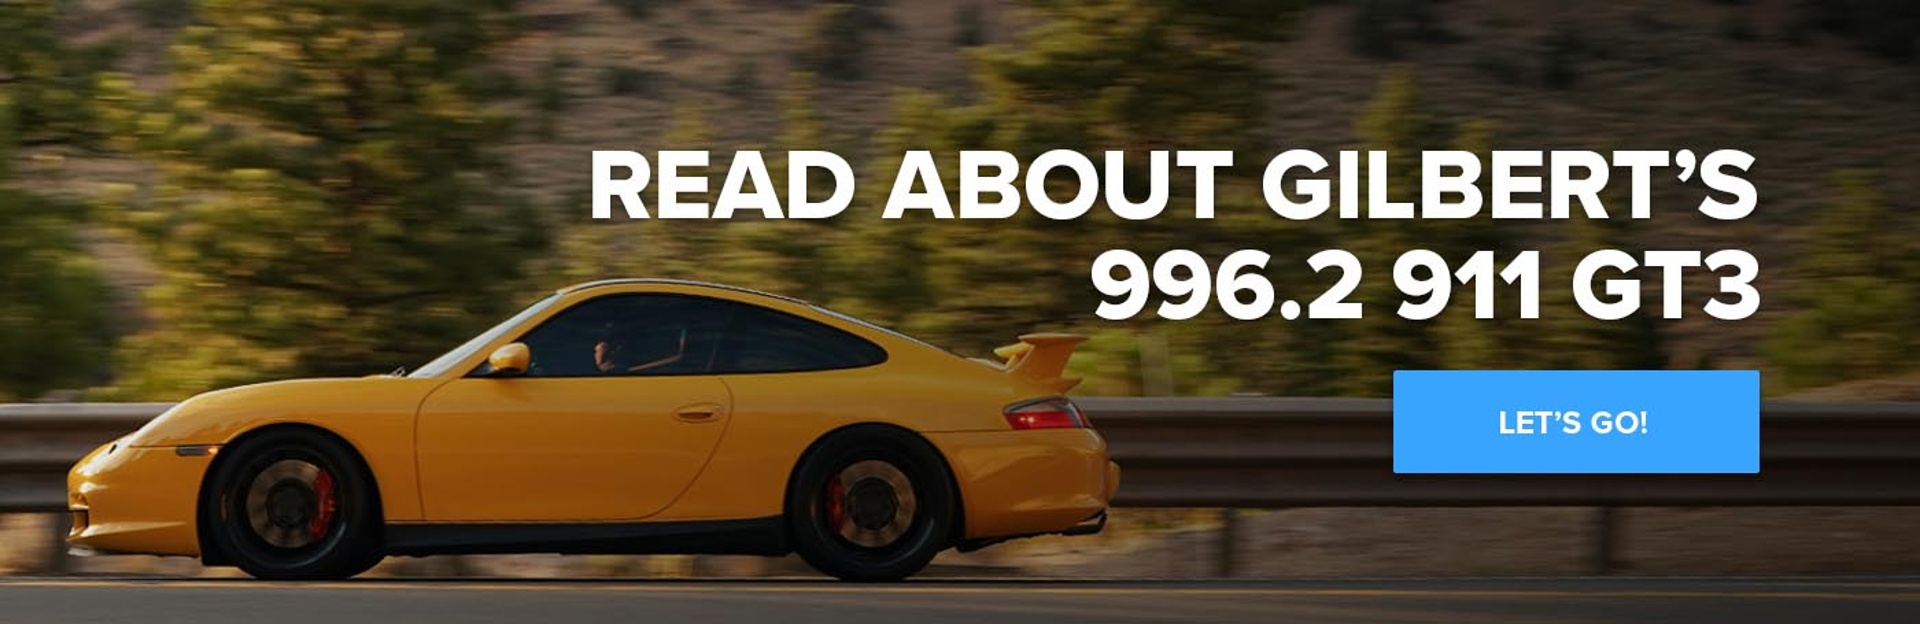 Porsche 996.2 991 CTA